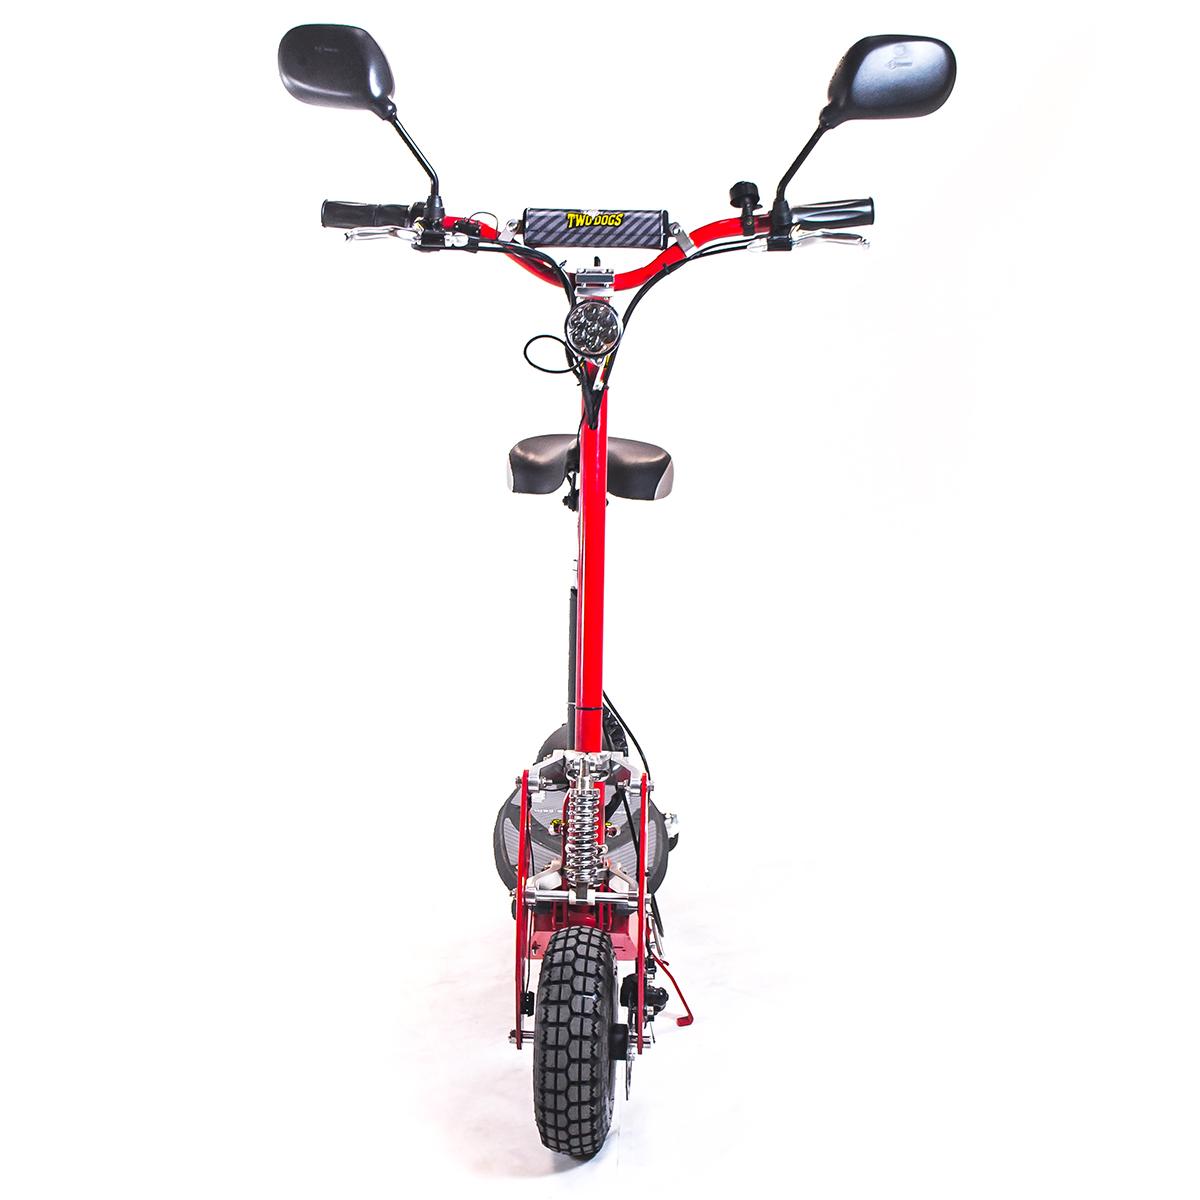 Scooter Elétrico Two Dogs 1000w 36V (Bicicletinha)  - Nova Suzuki Motos e Acessórios